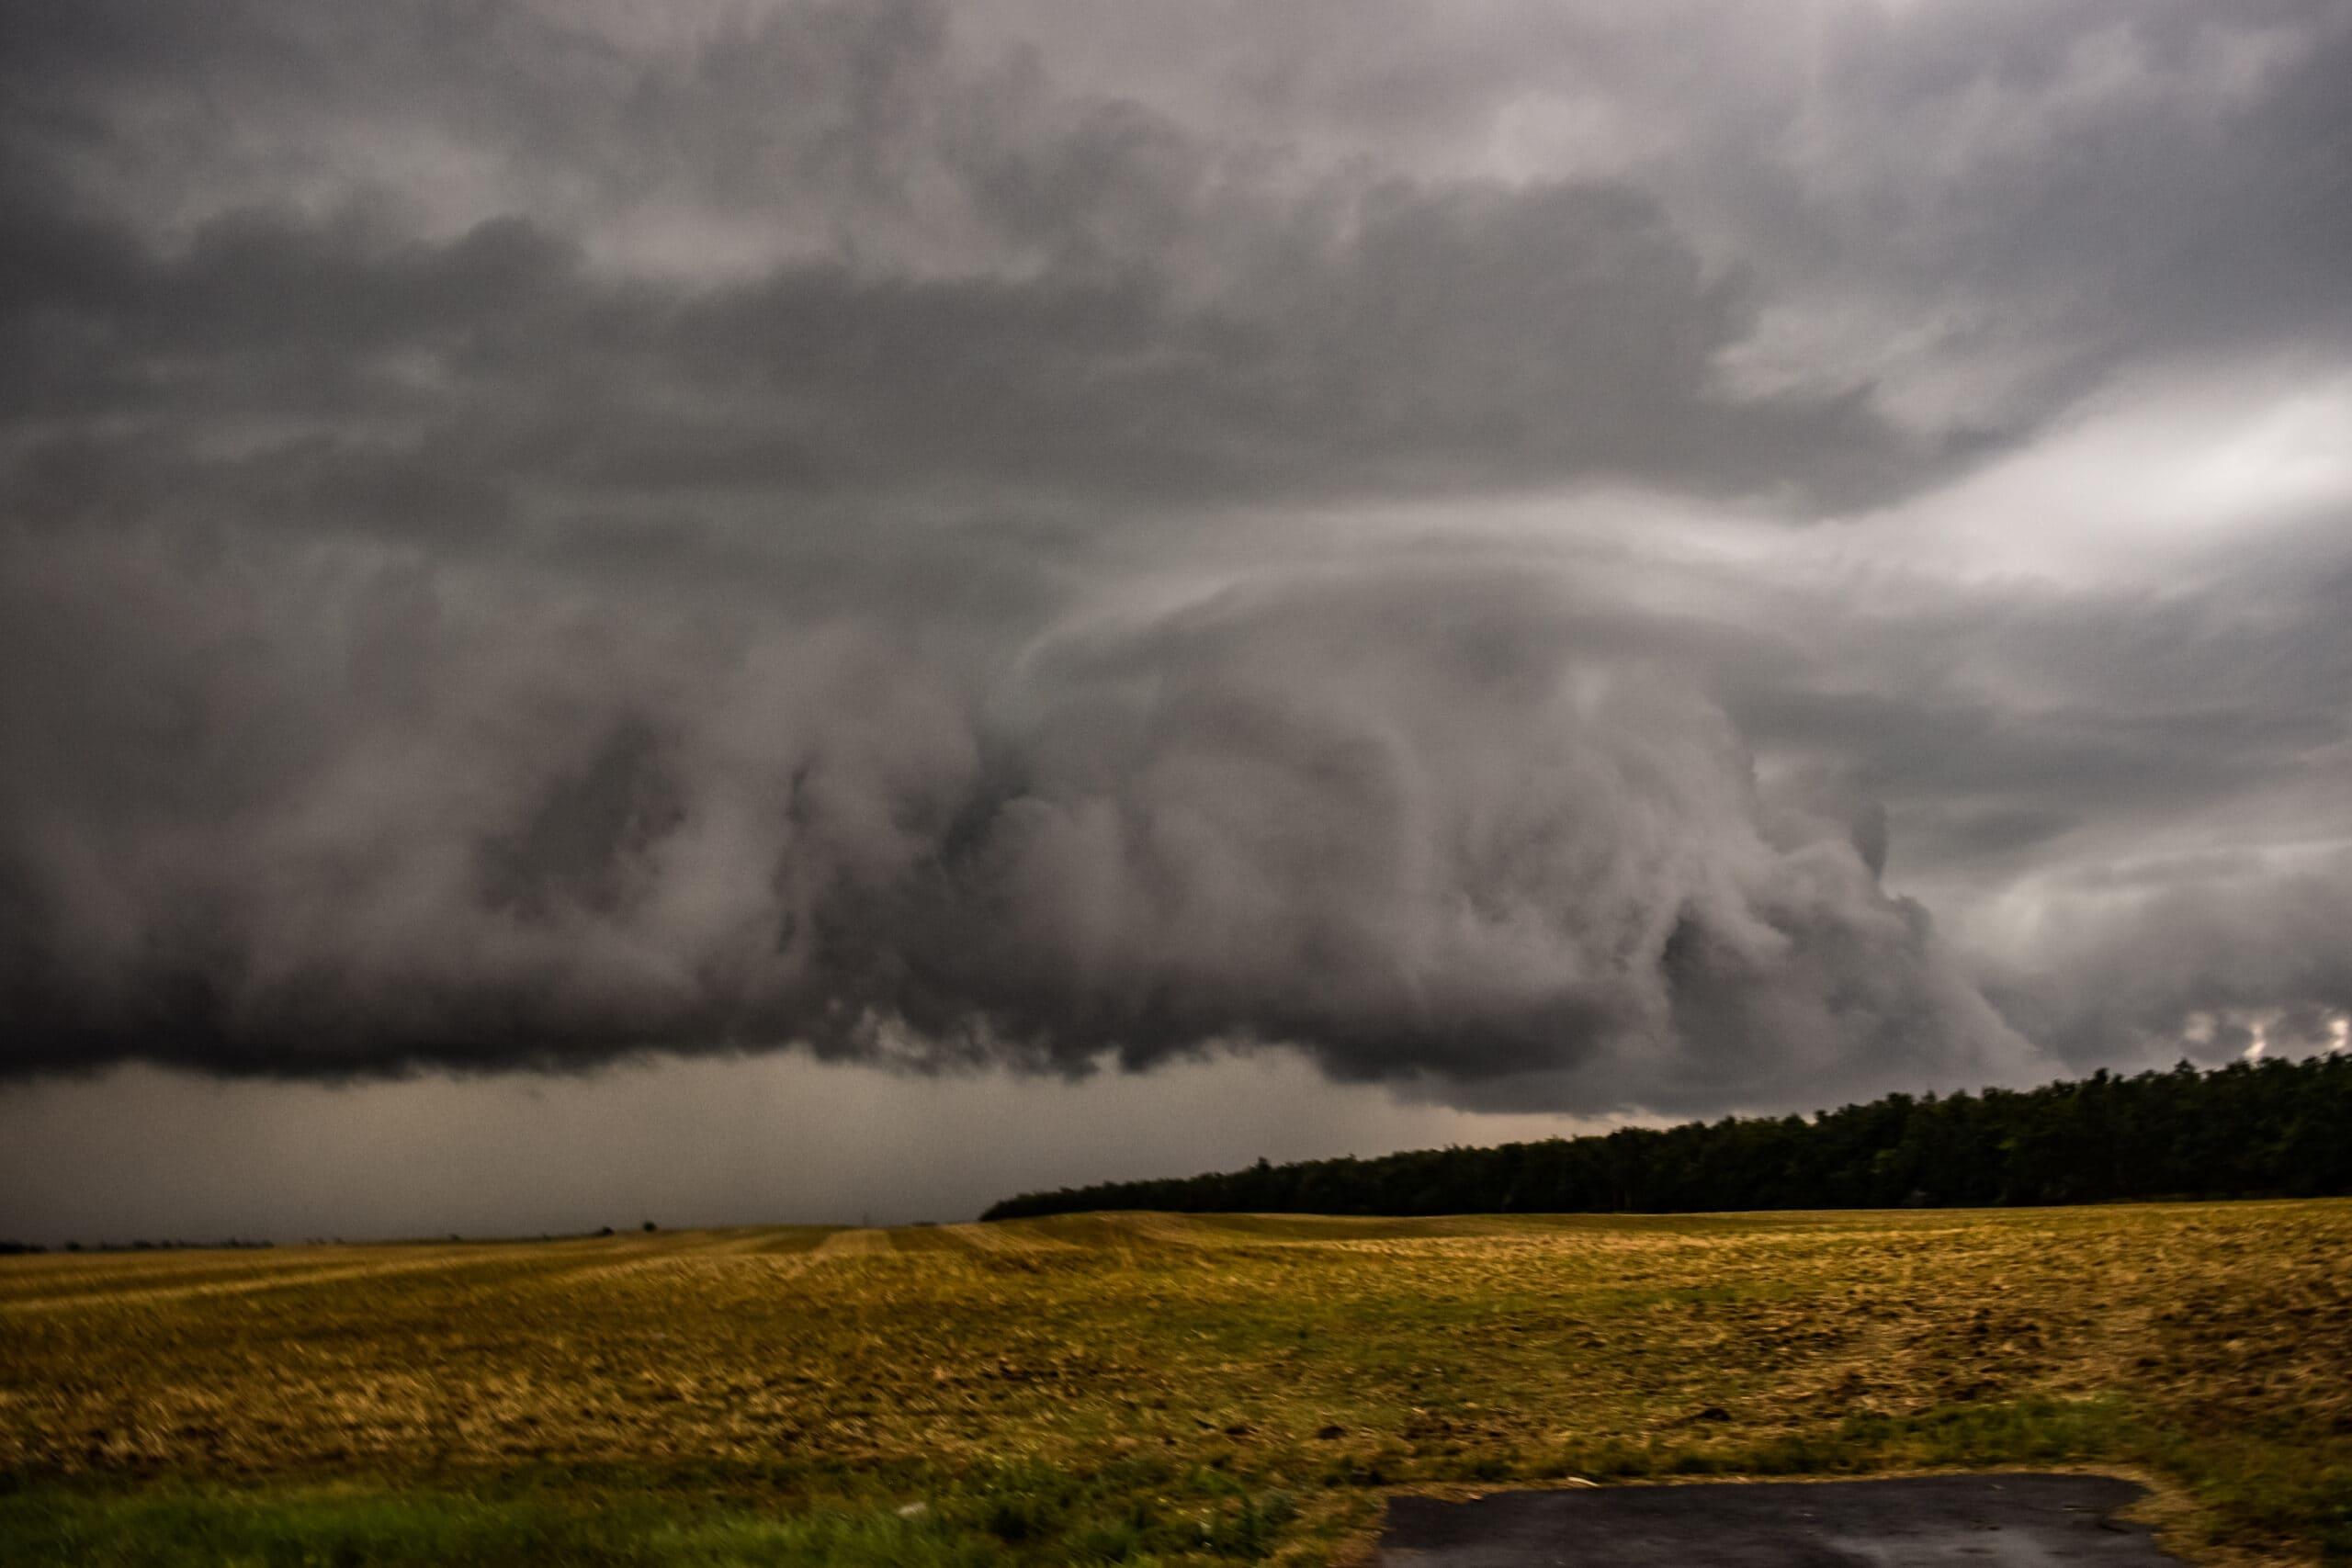 Piros figyelmeztetés a déli határ szerb oldalán a viharok miatt! Nálunk mi lesz? 5